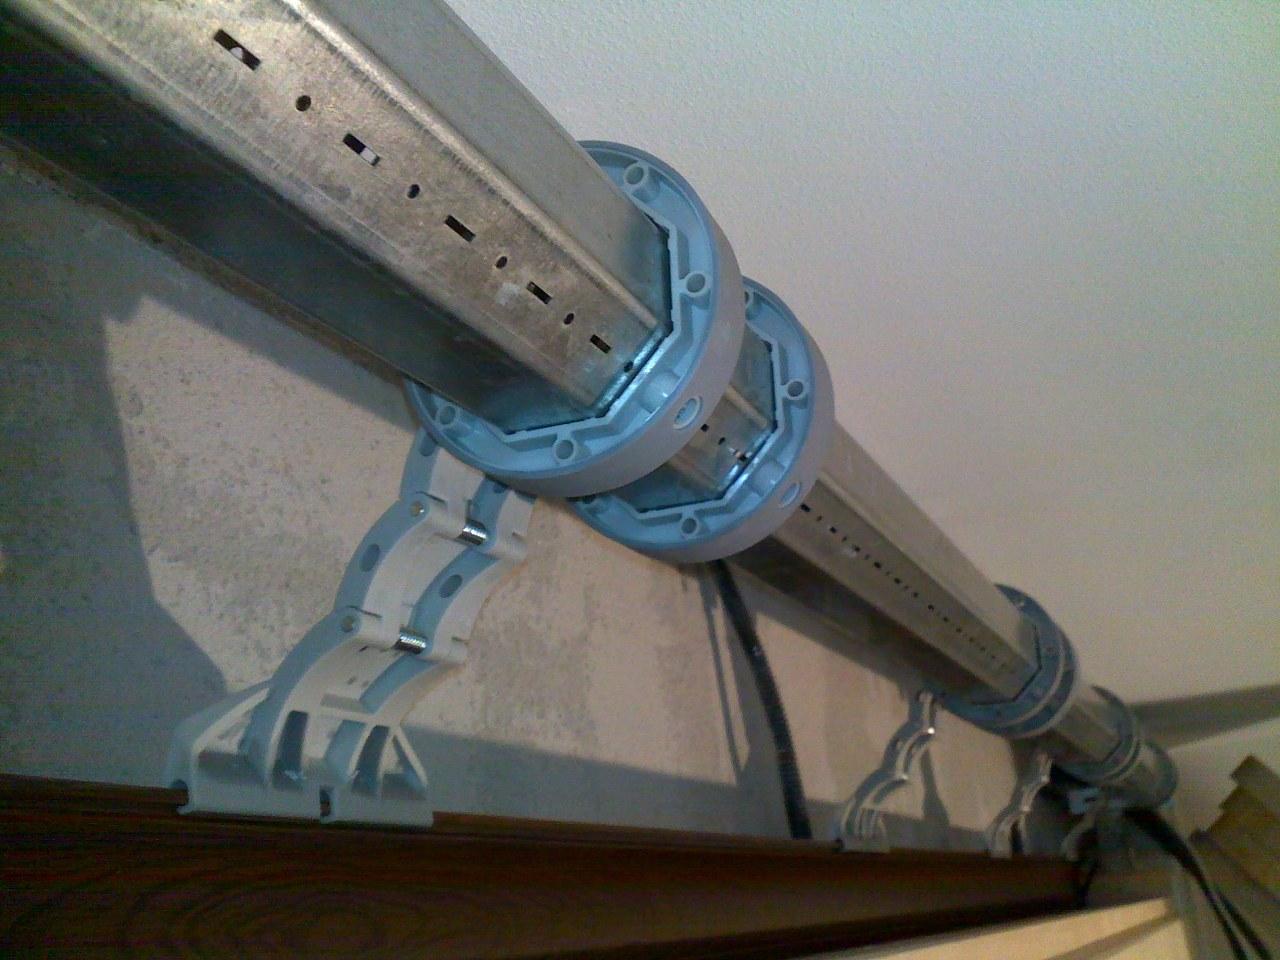 Antisollevamento per tapparelle motorizzate luvisotto serramenti